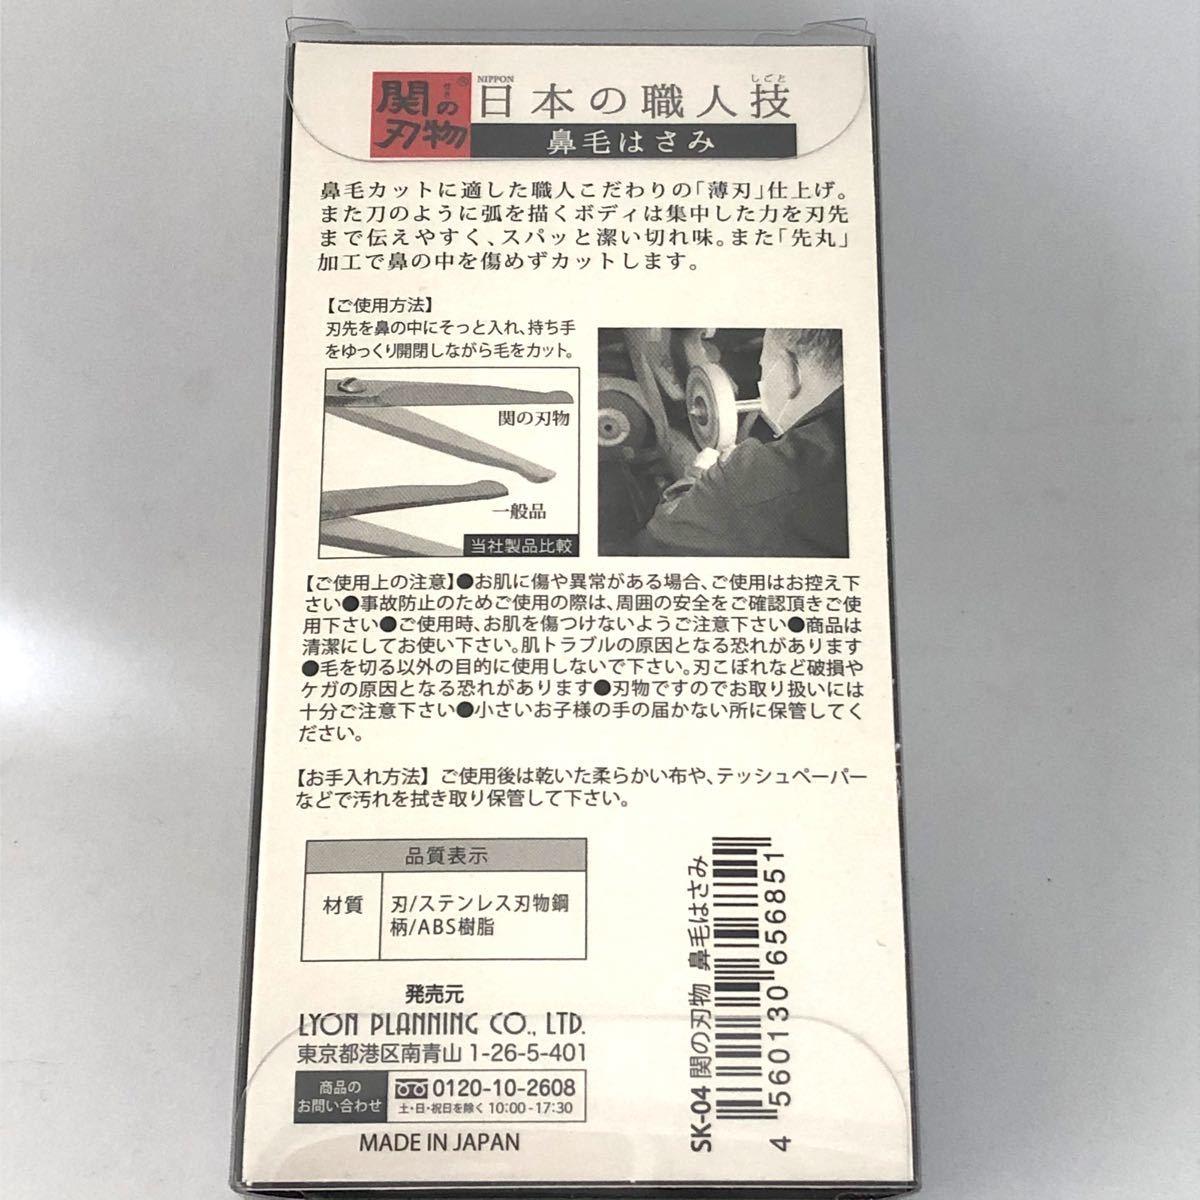 鼻毛切りハサミ 関の刃物 日本製 鼻毛 カッター